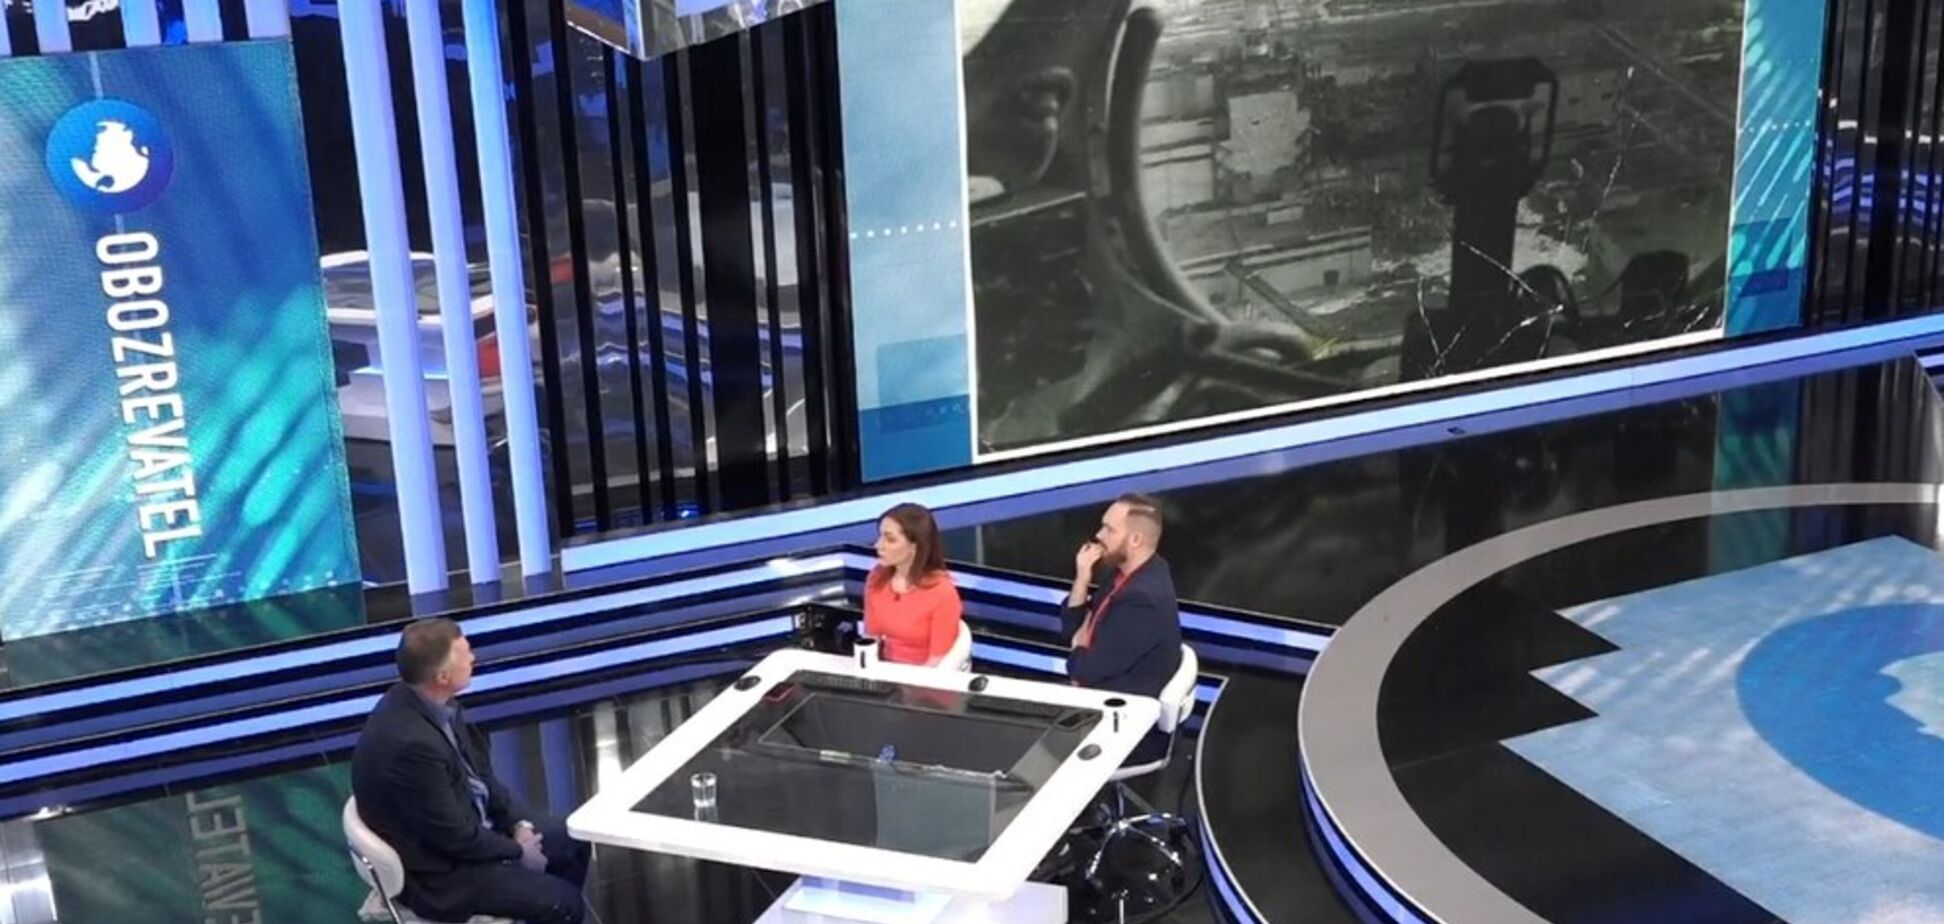 'О нас вспомнили!' Ликвидатор с ЧАЭС поблагодарил за сериал 'Чернобыль'